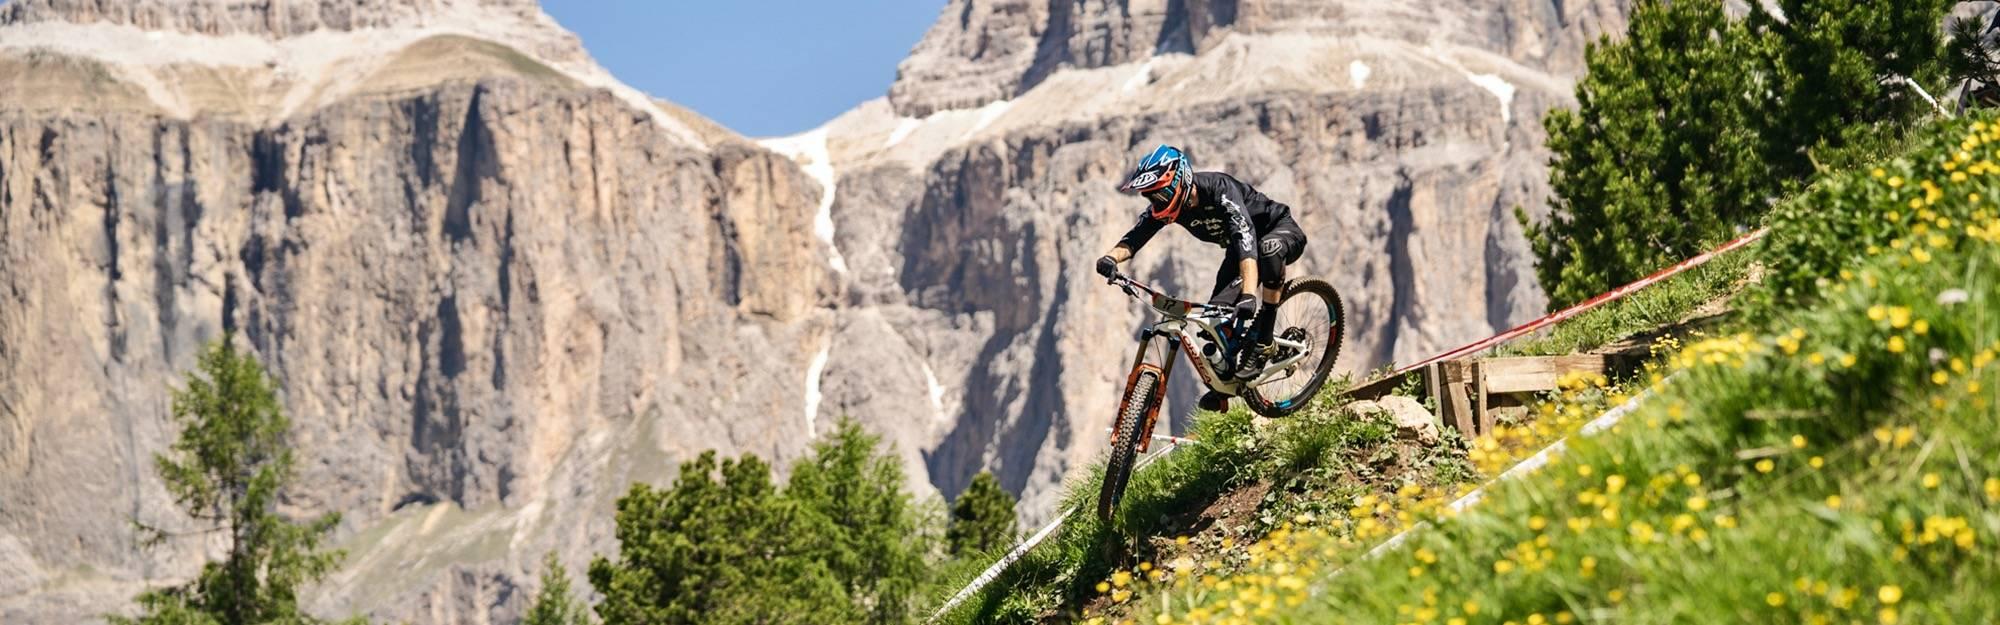 Downhill riding on Orbea mountain bikes.